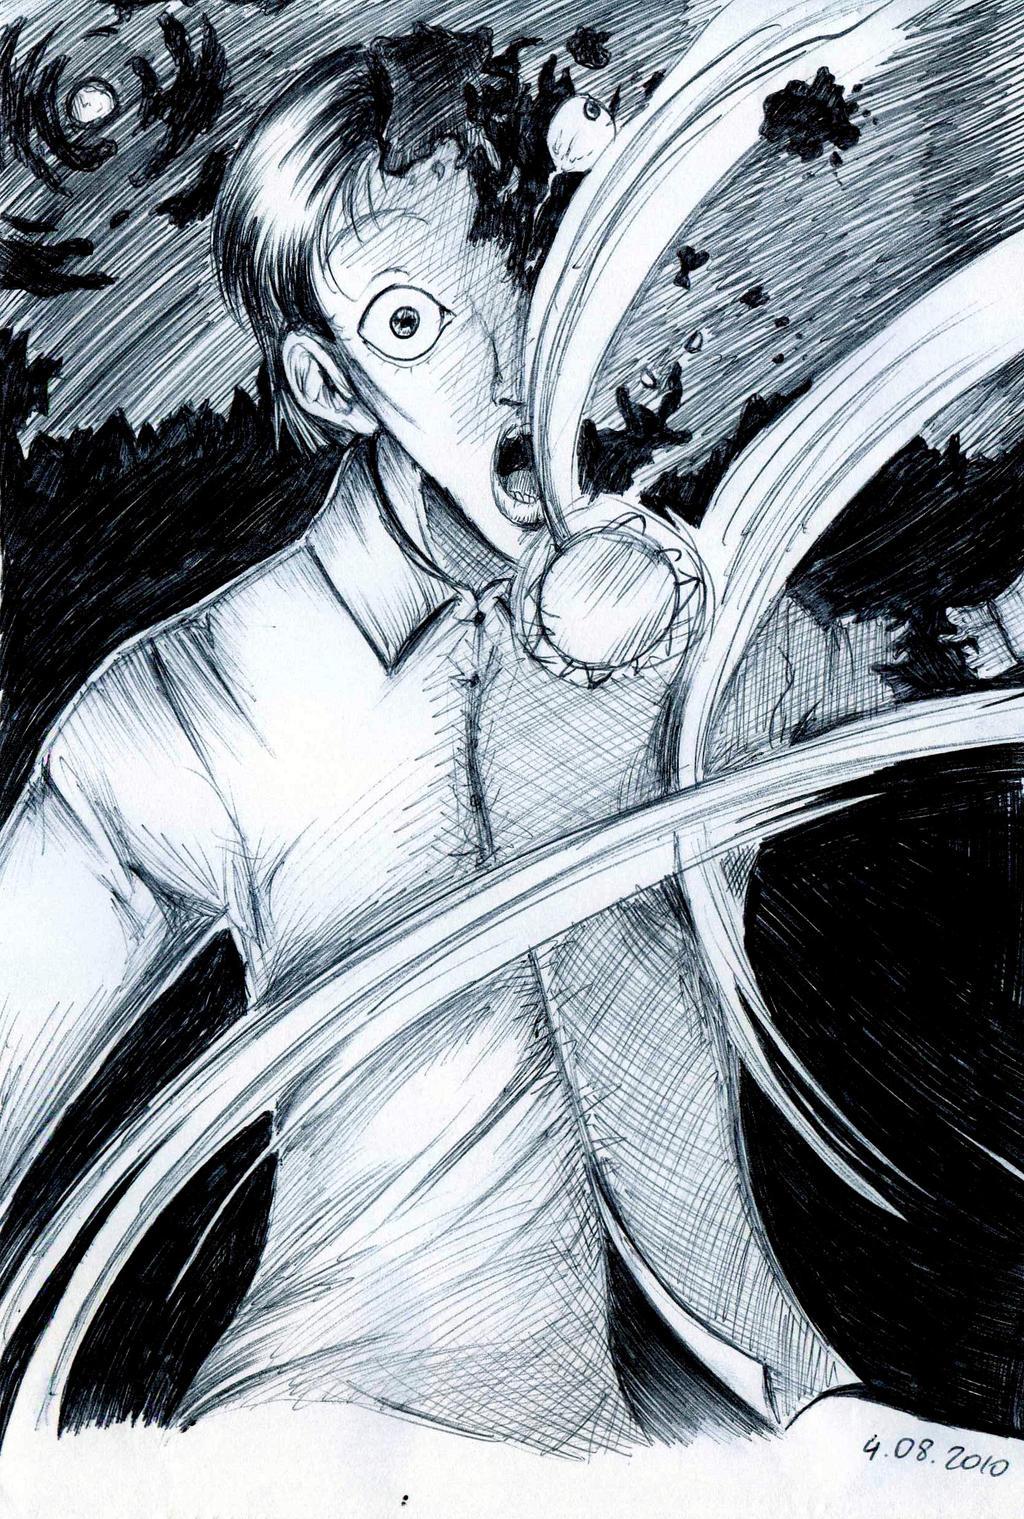 rika's victim 1 by NanakoHarrison